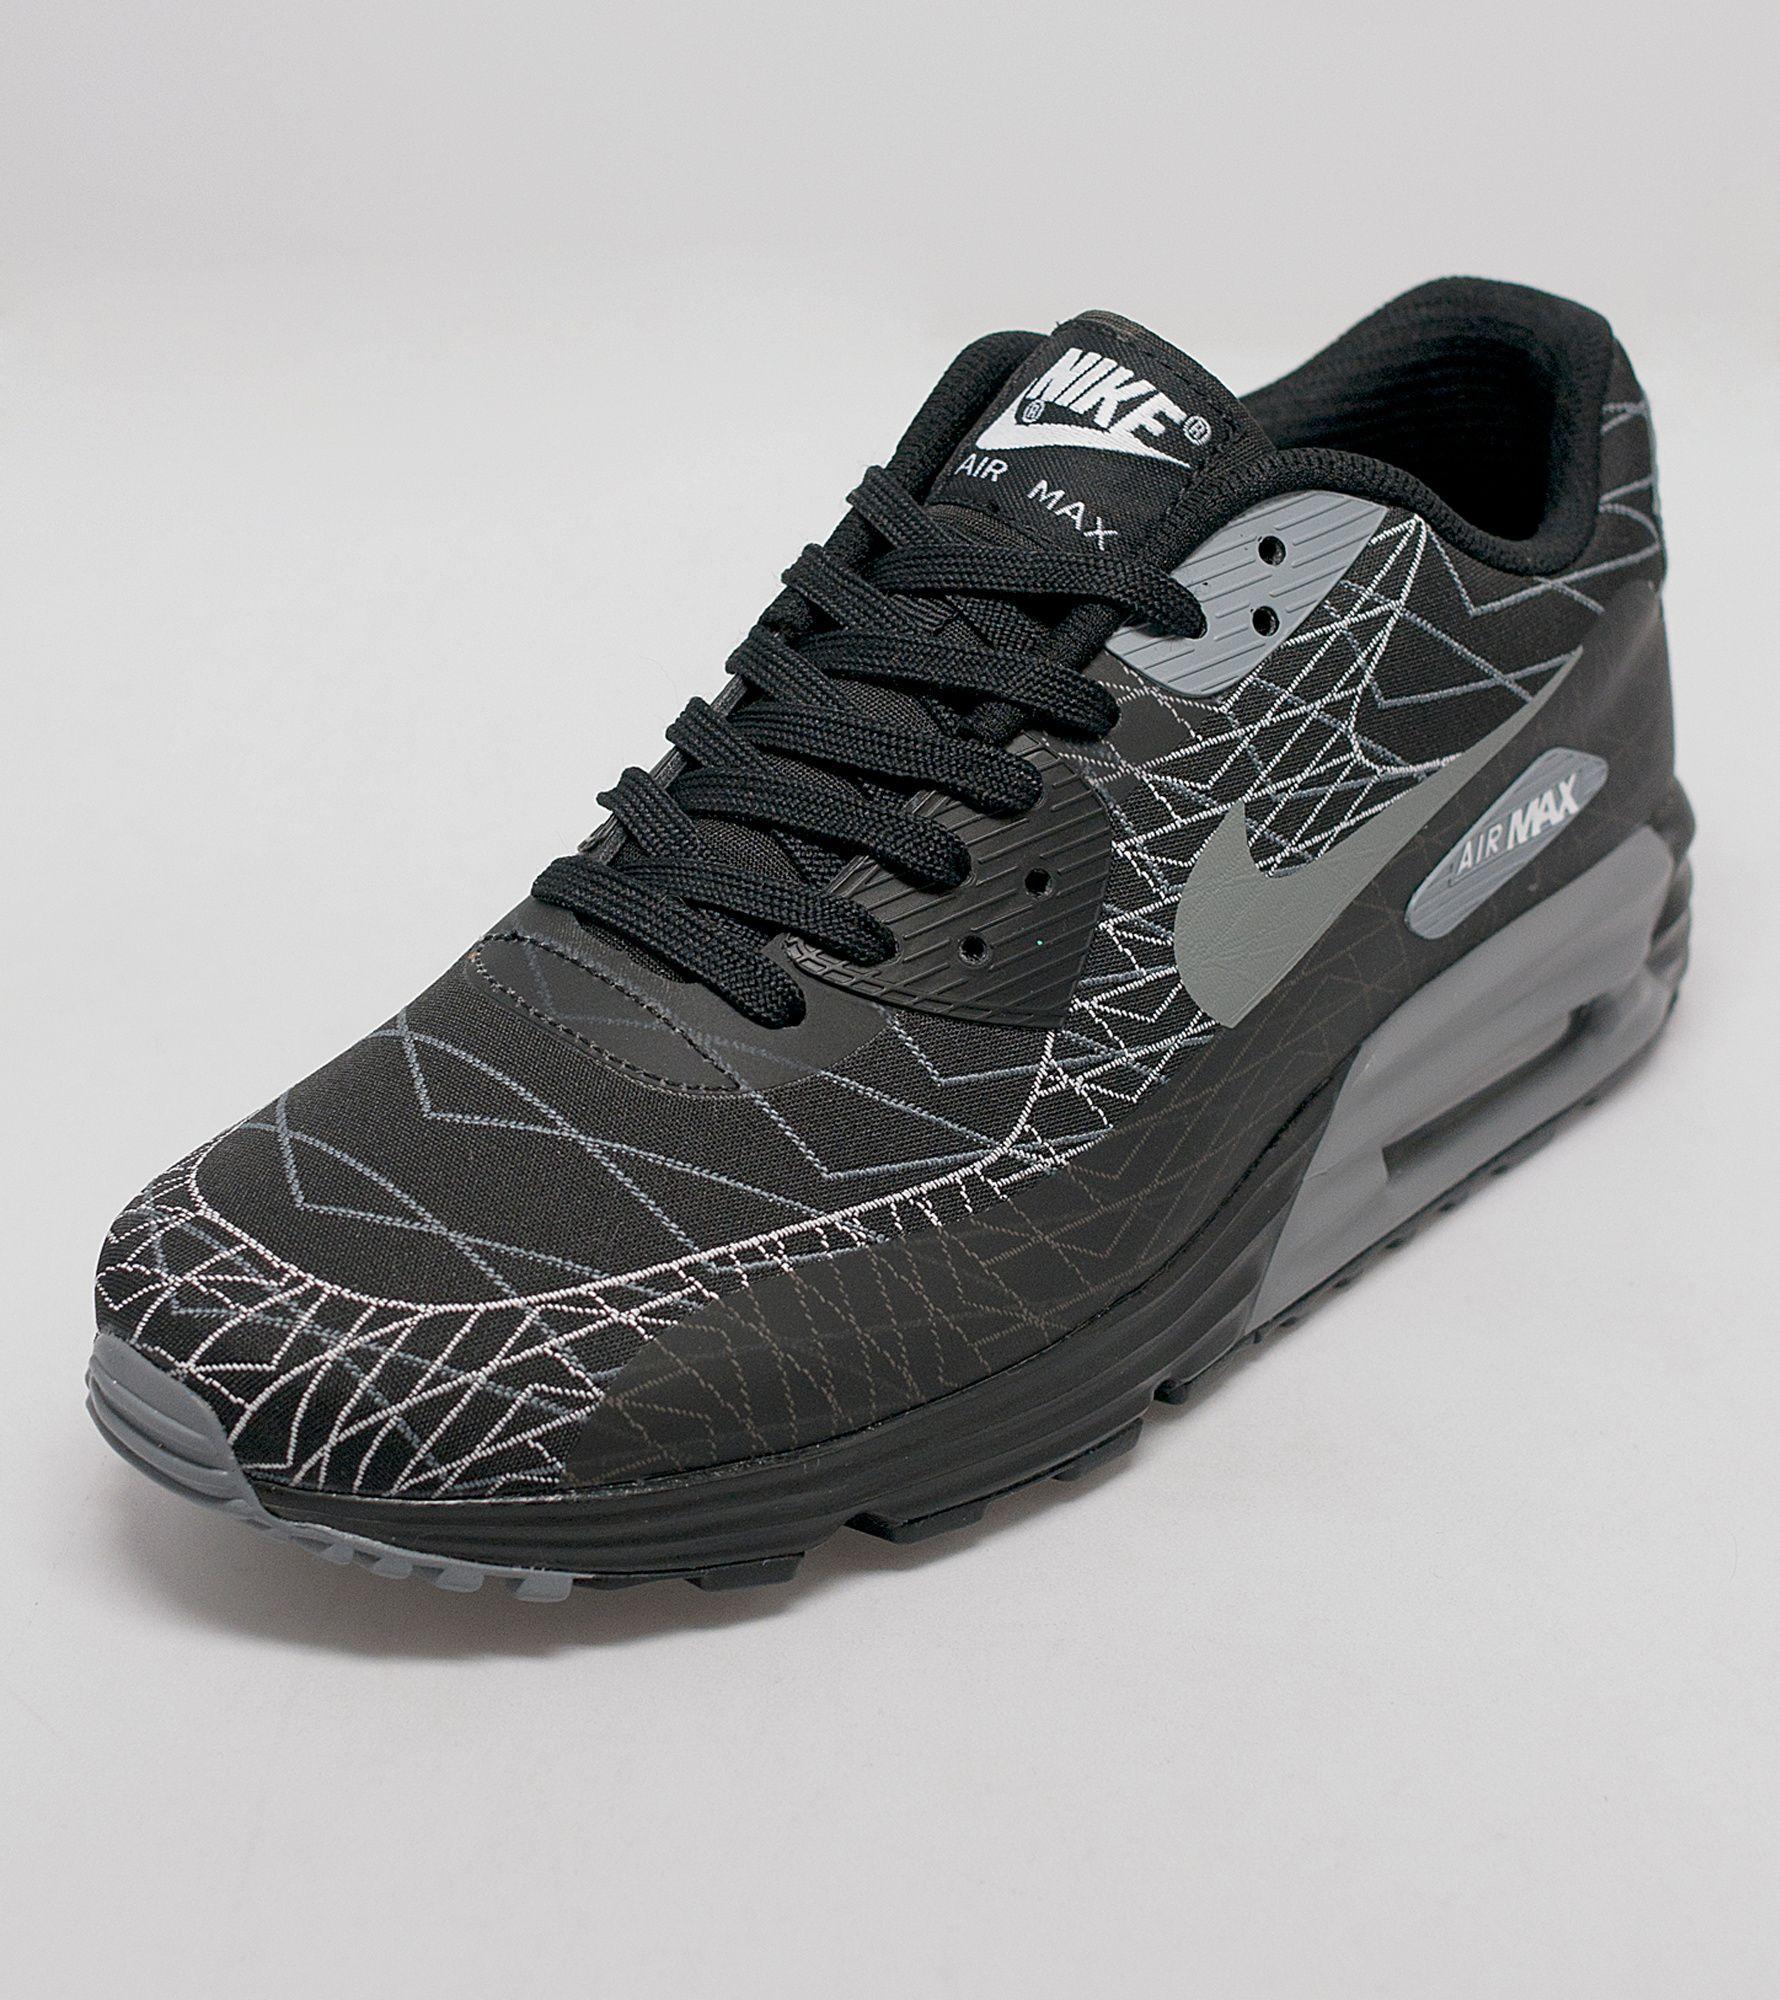 Nike Air Max 90 Lunar Jacquard